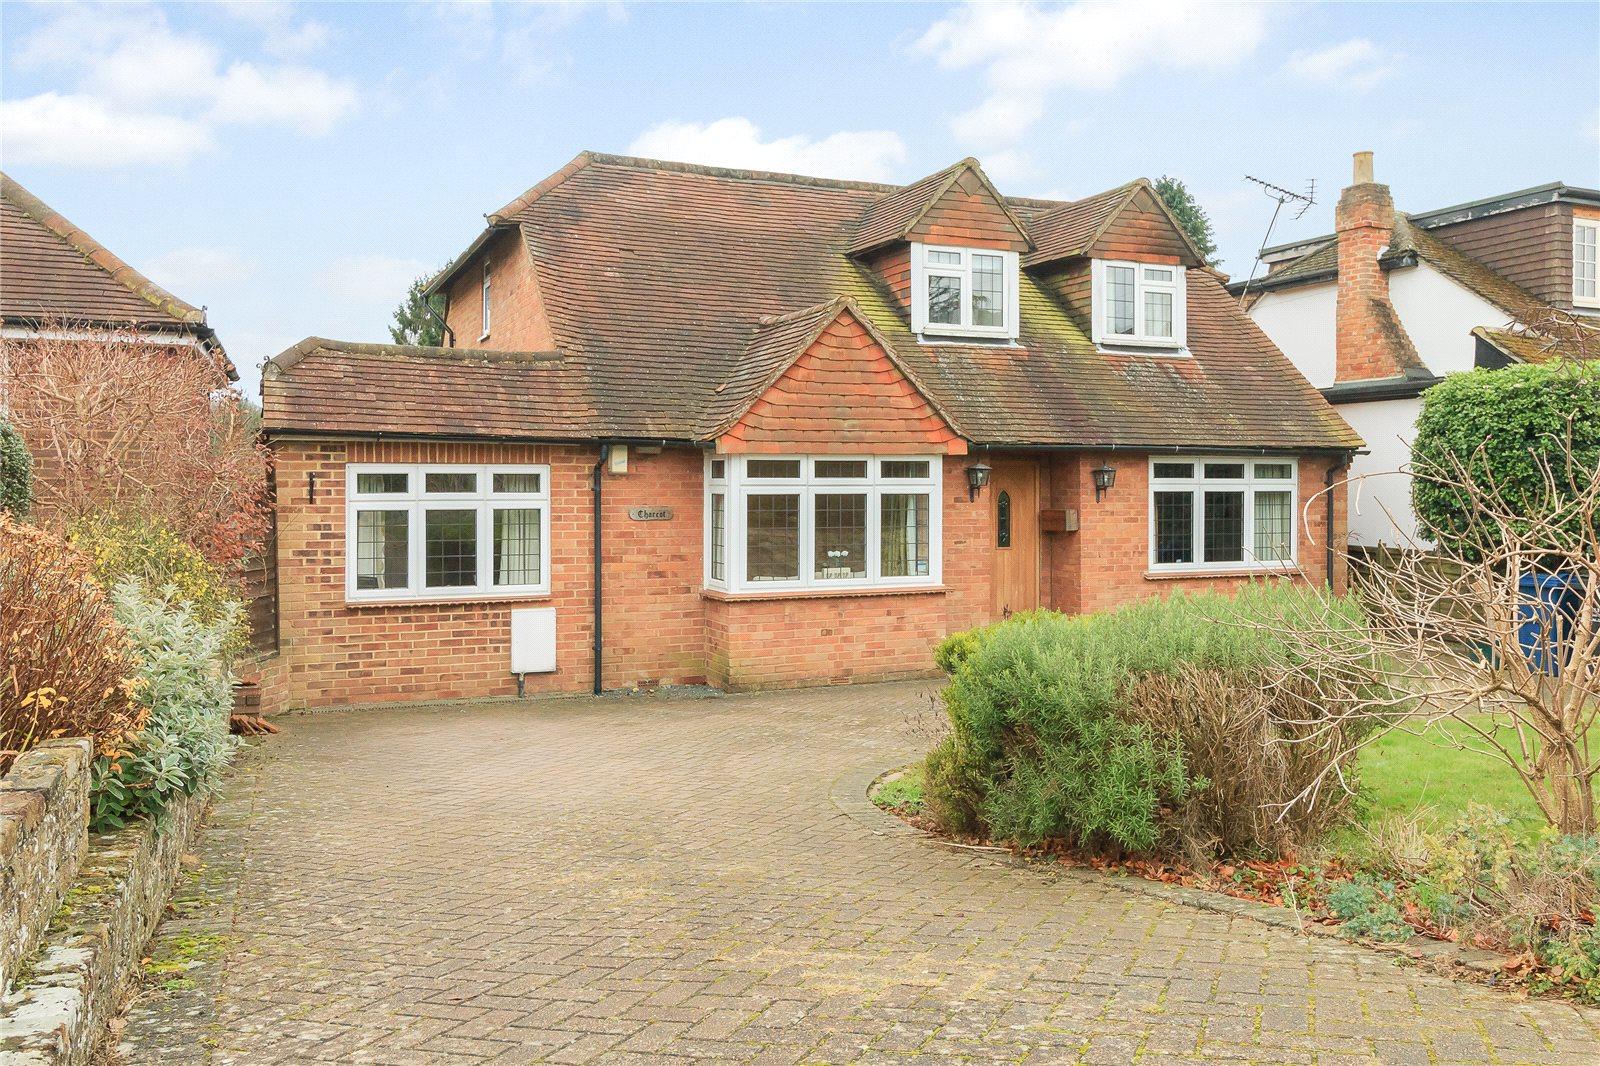 一戸建て のために 売買 アット Nortoft Road, Chalfont St Peter, Buckinghamshire, SL9 Chalfont St Peter, イギリス